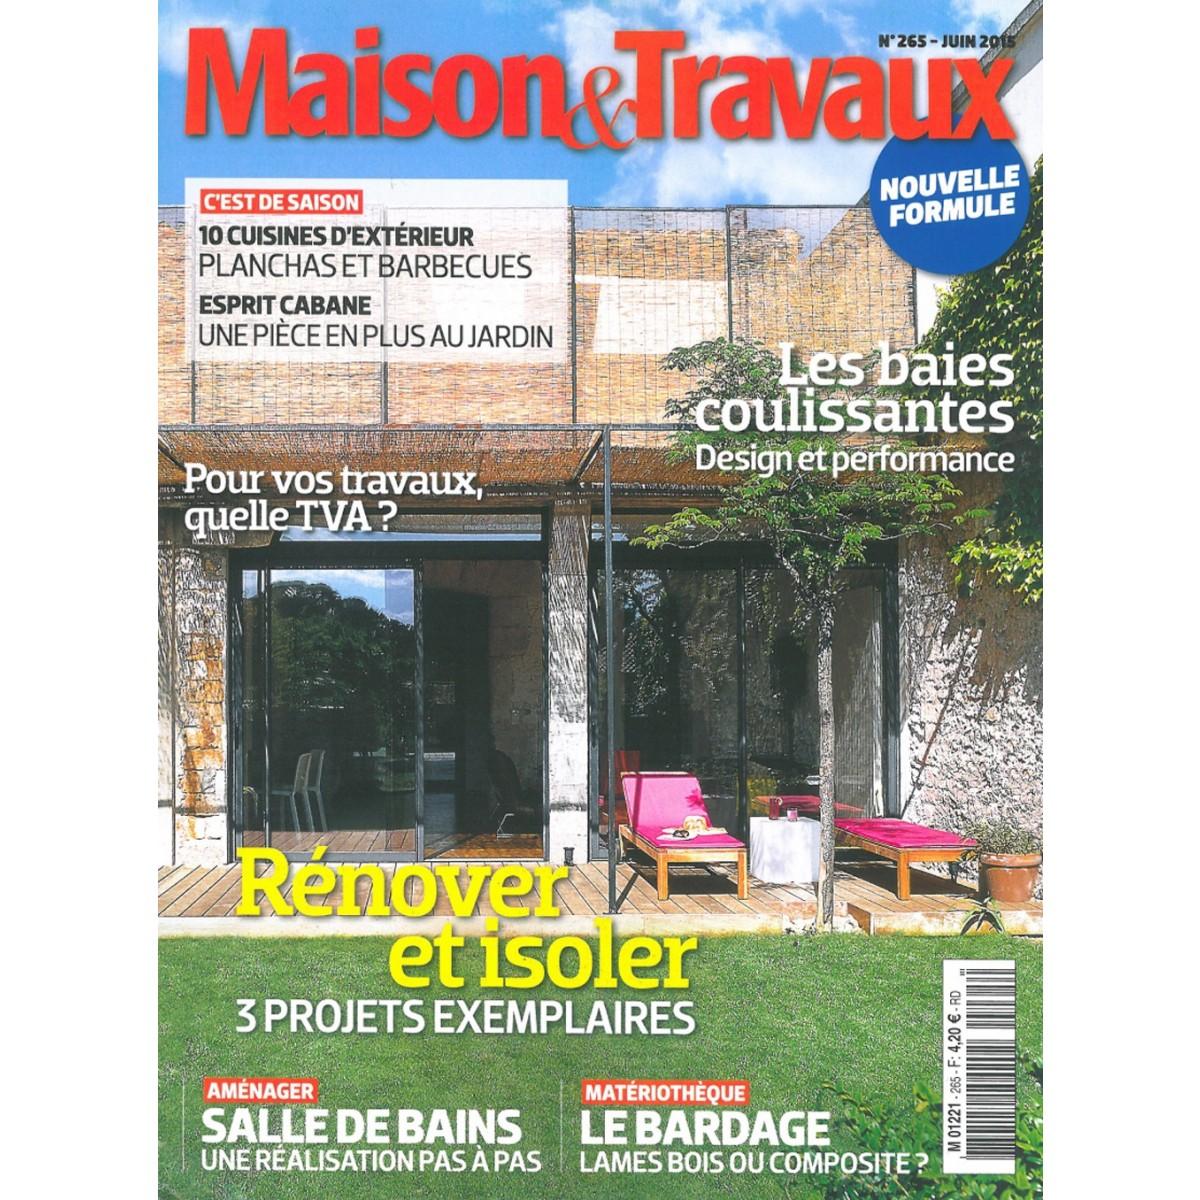 abonnement magazine maison et travaux sur mag24. Black Bedroom Furniture Sets. Home Design Ideas